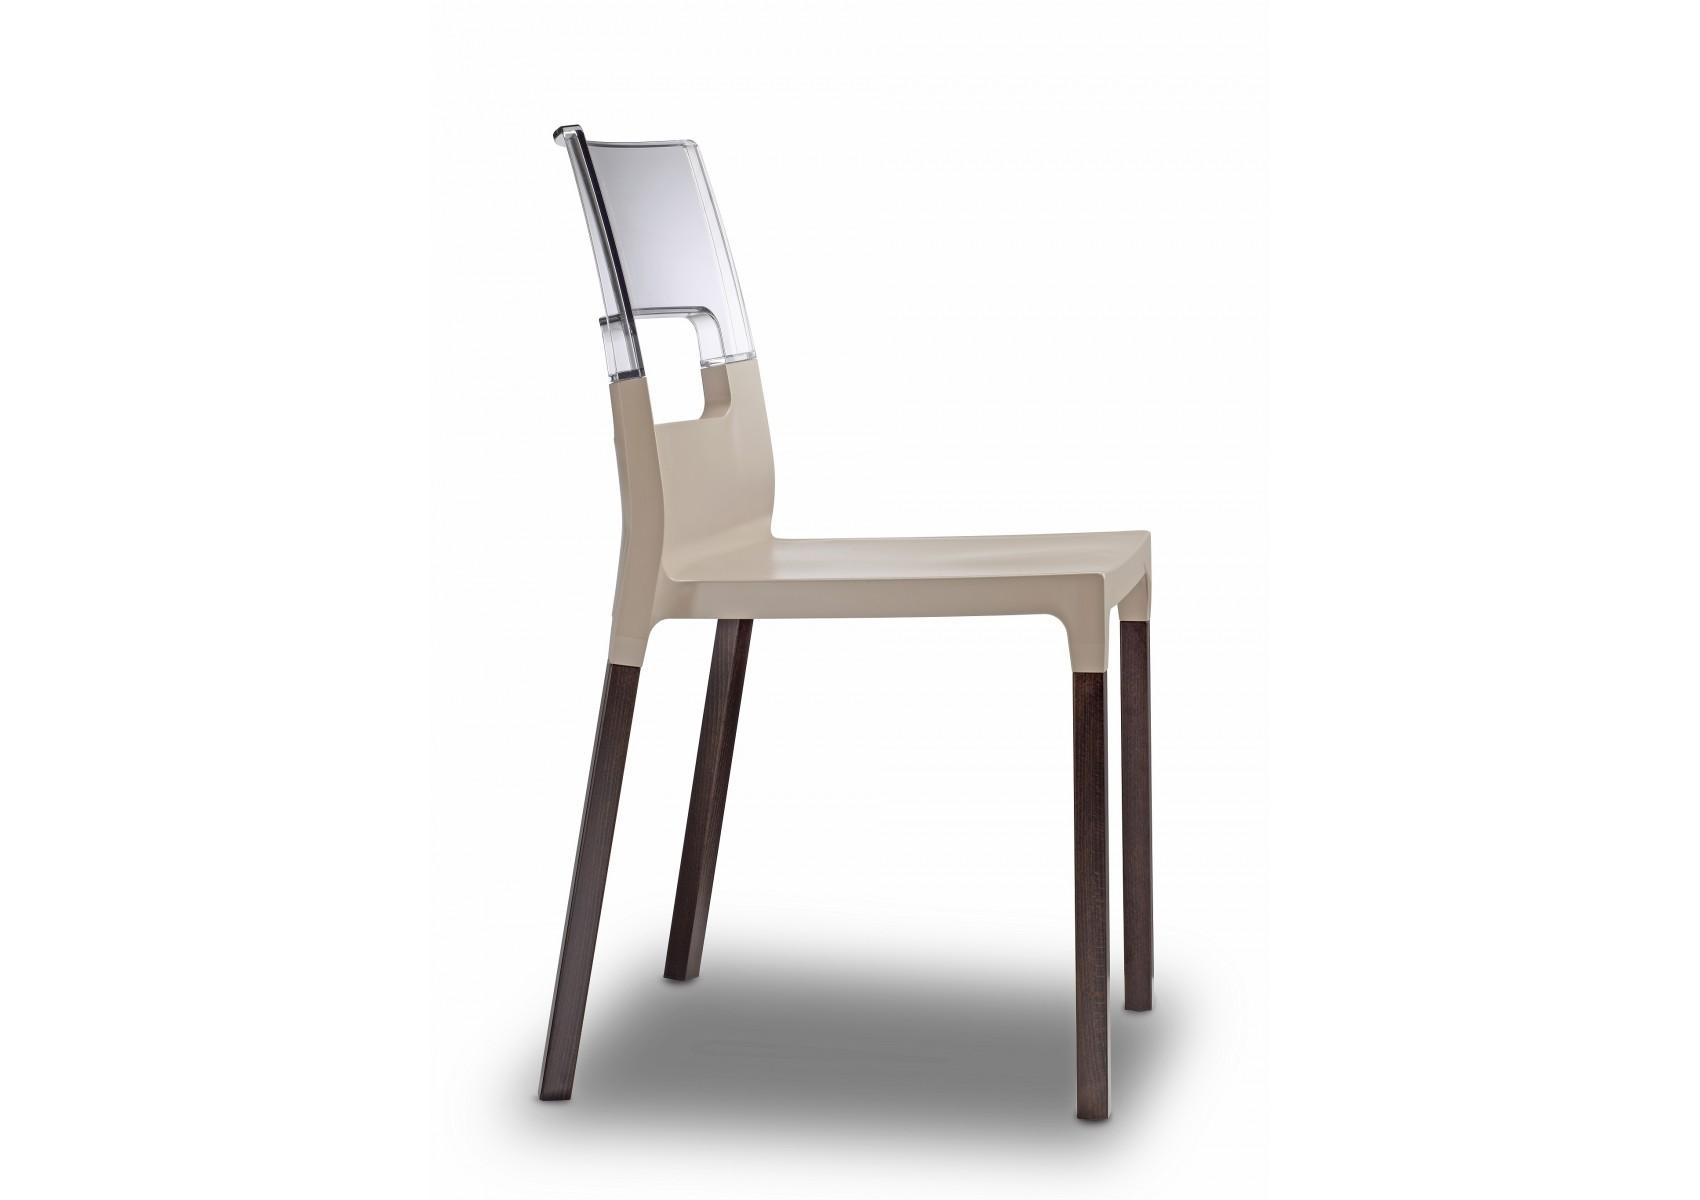 Chaise translucide natural diva par scab design boite for Trans meubles 83